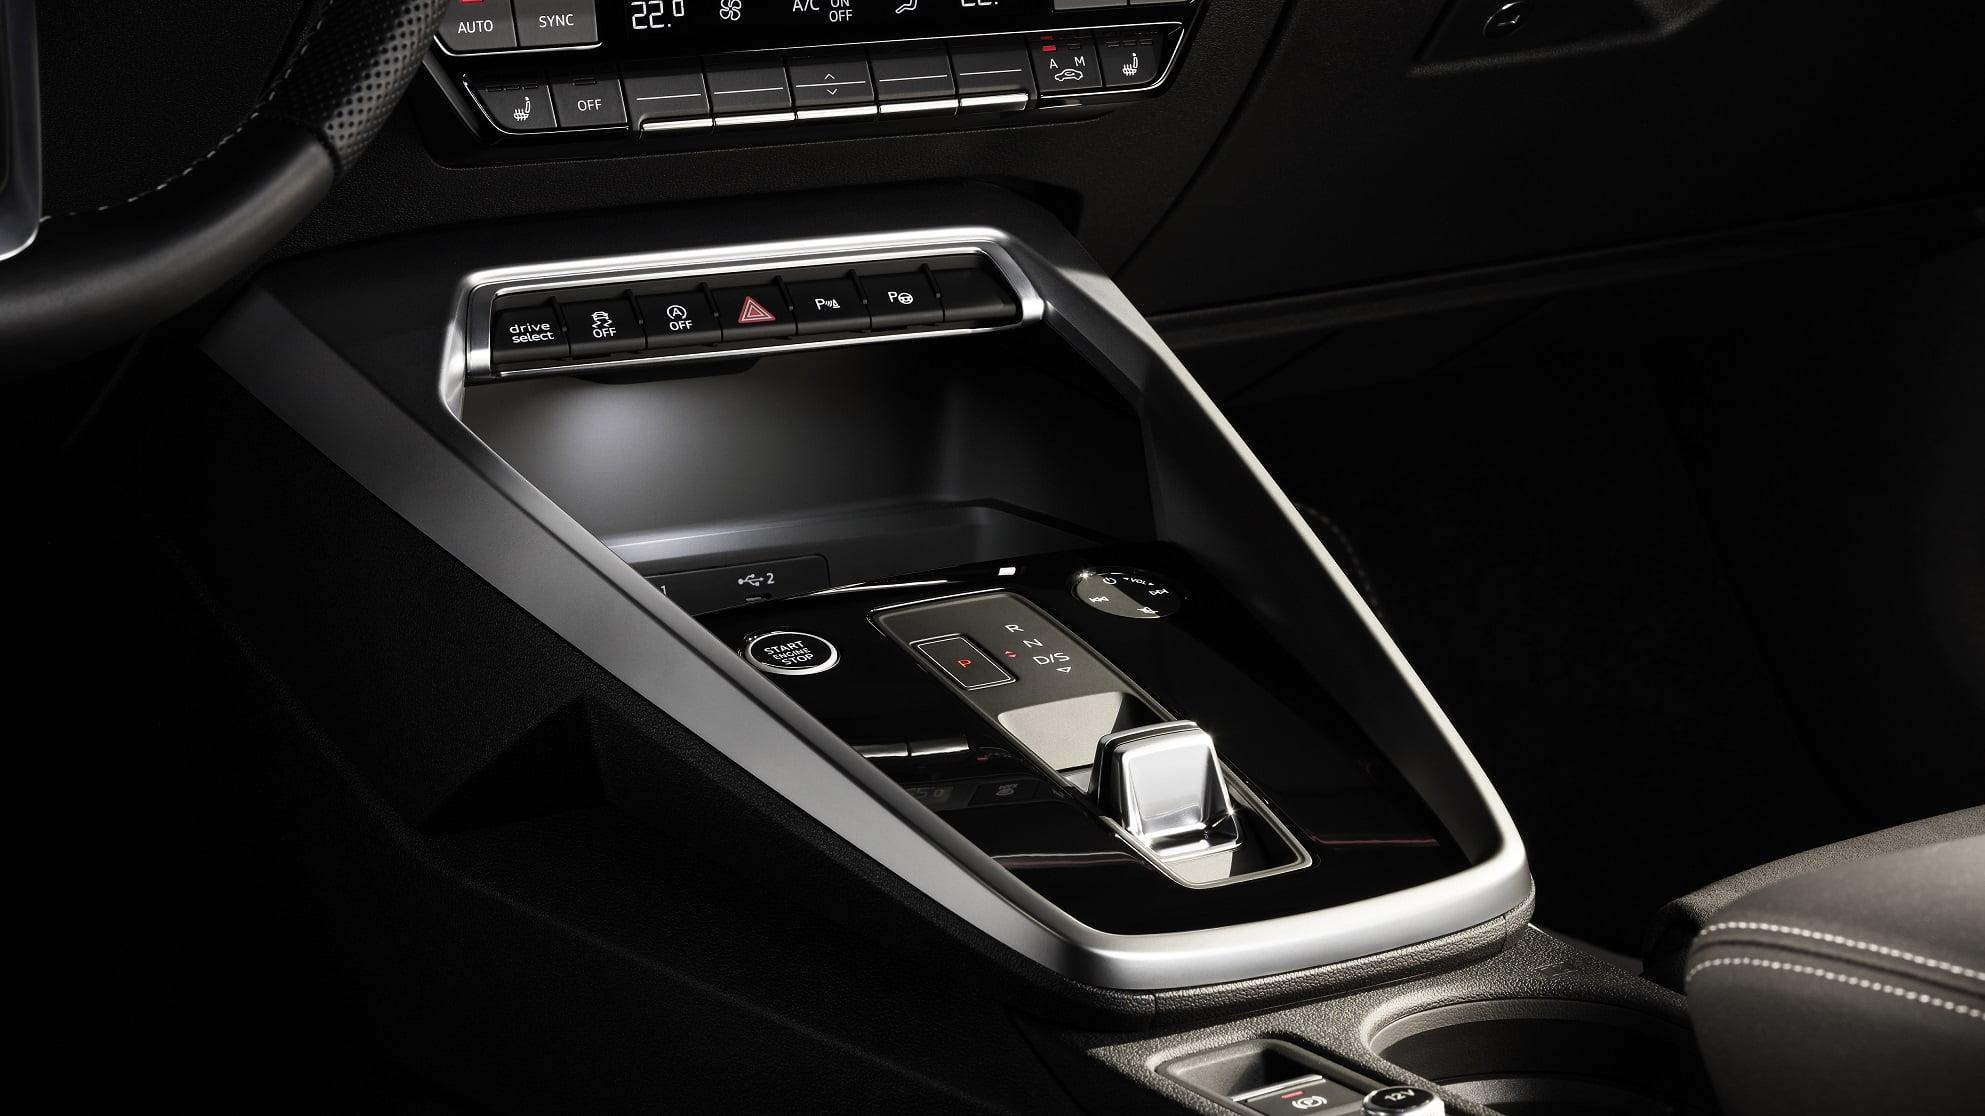 Νέο Audi A3 Sedan - Αυτόματο κιβώτιο S tronic